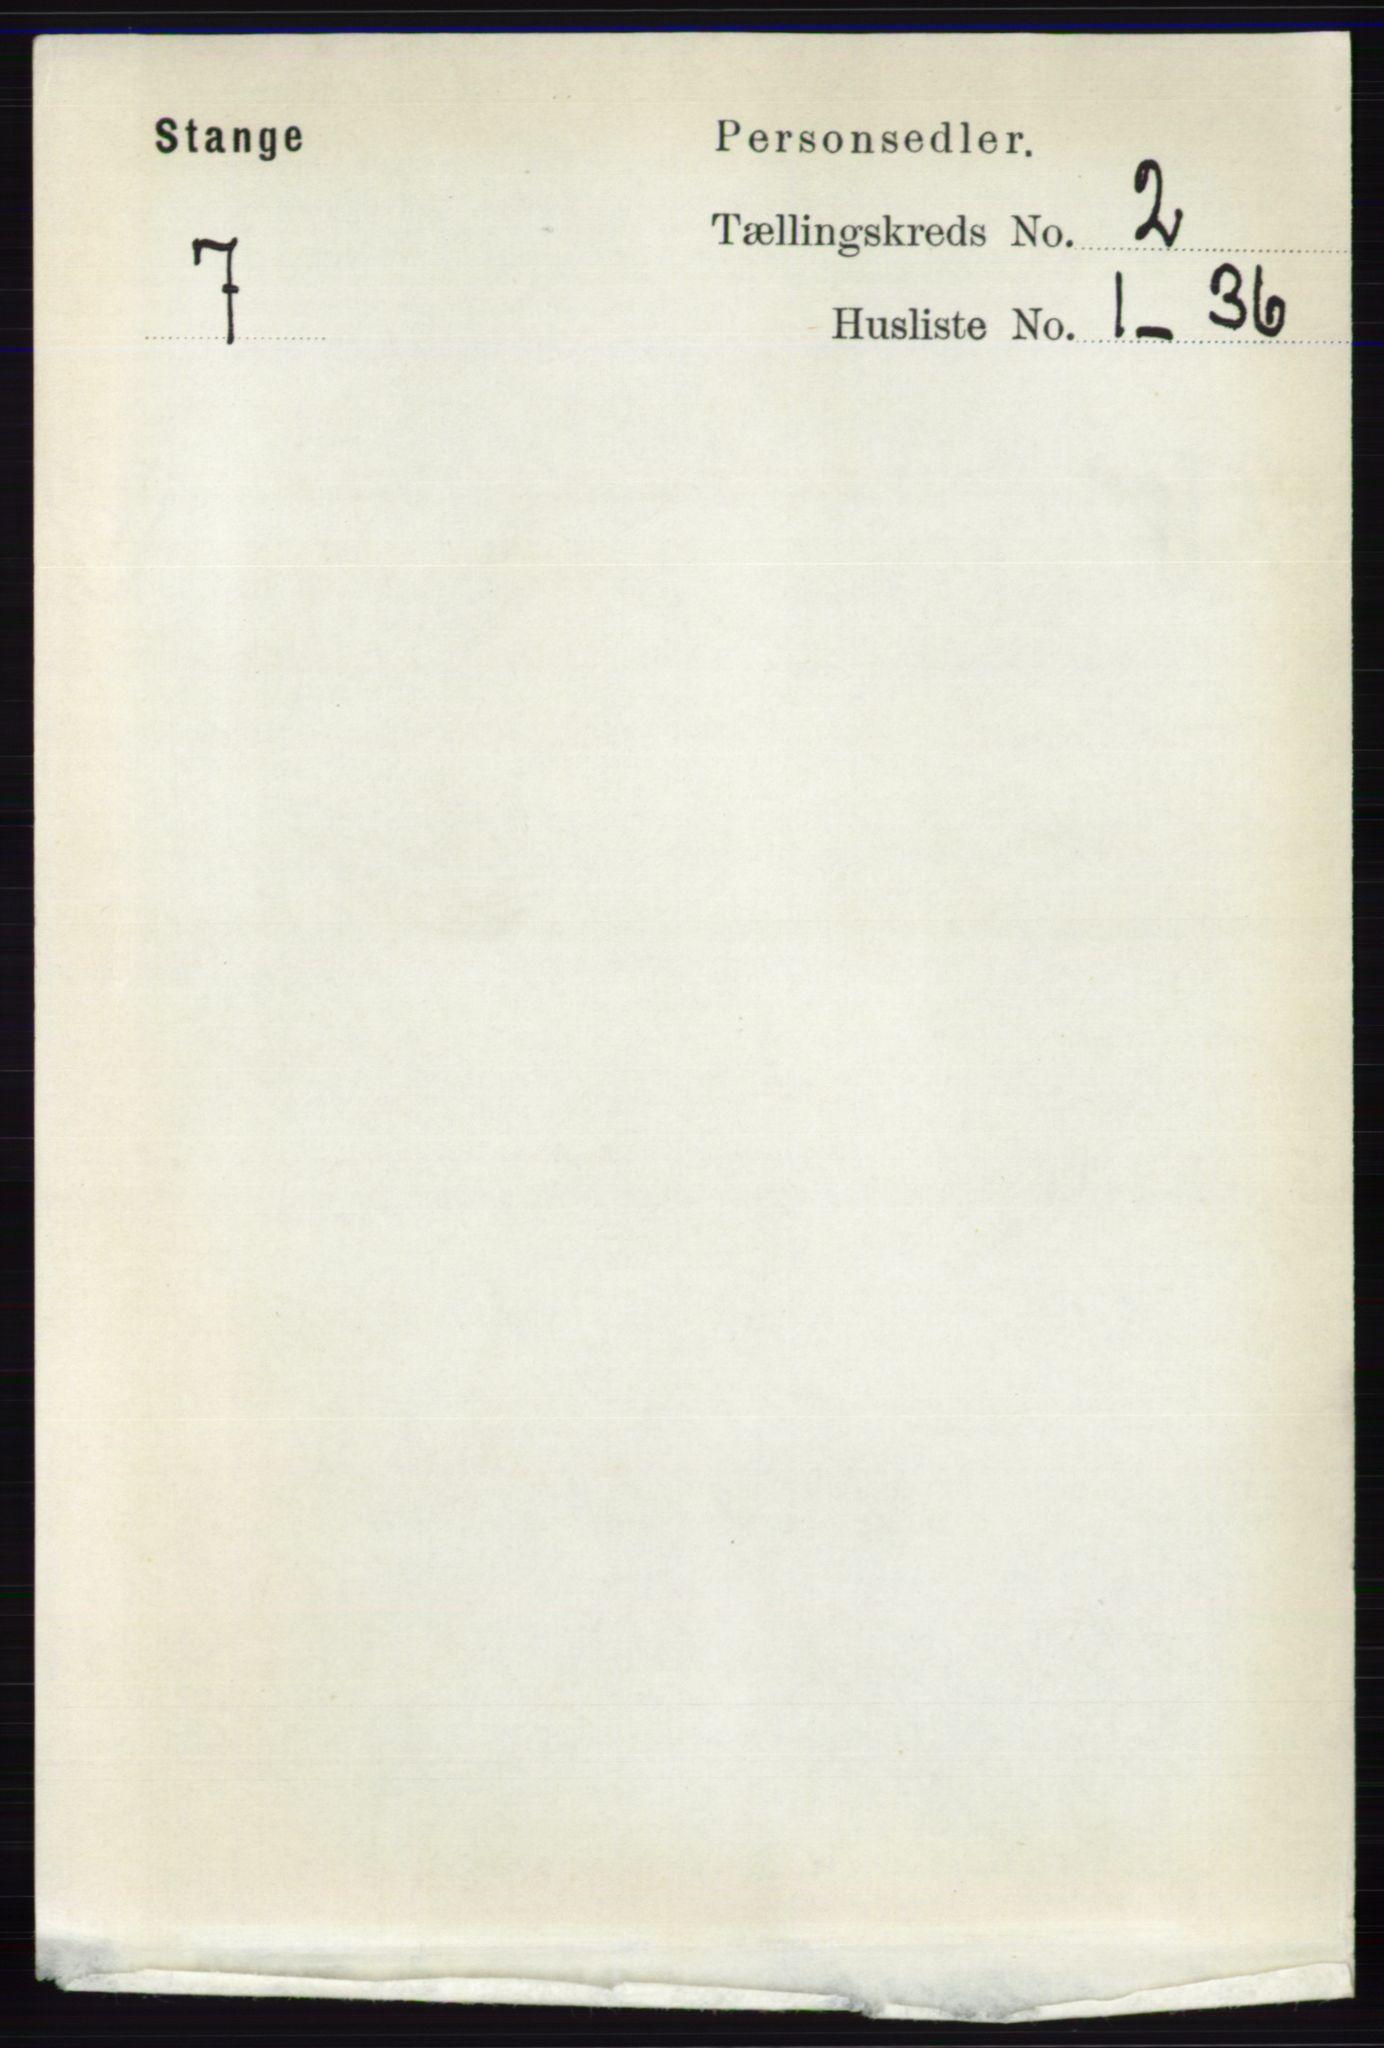 RA, Folketelling 1891 for 0417 Stange herred, 1891, s. 943